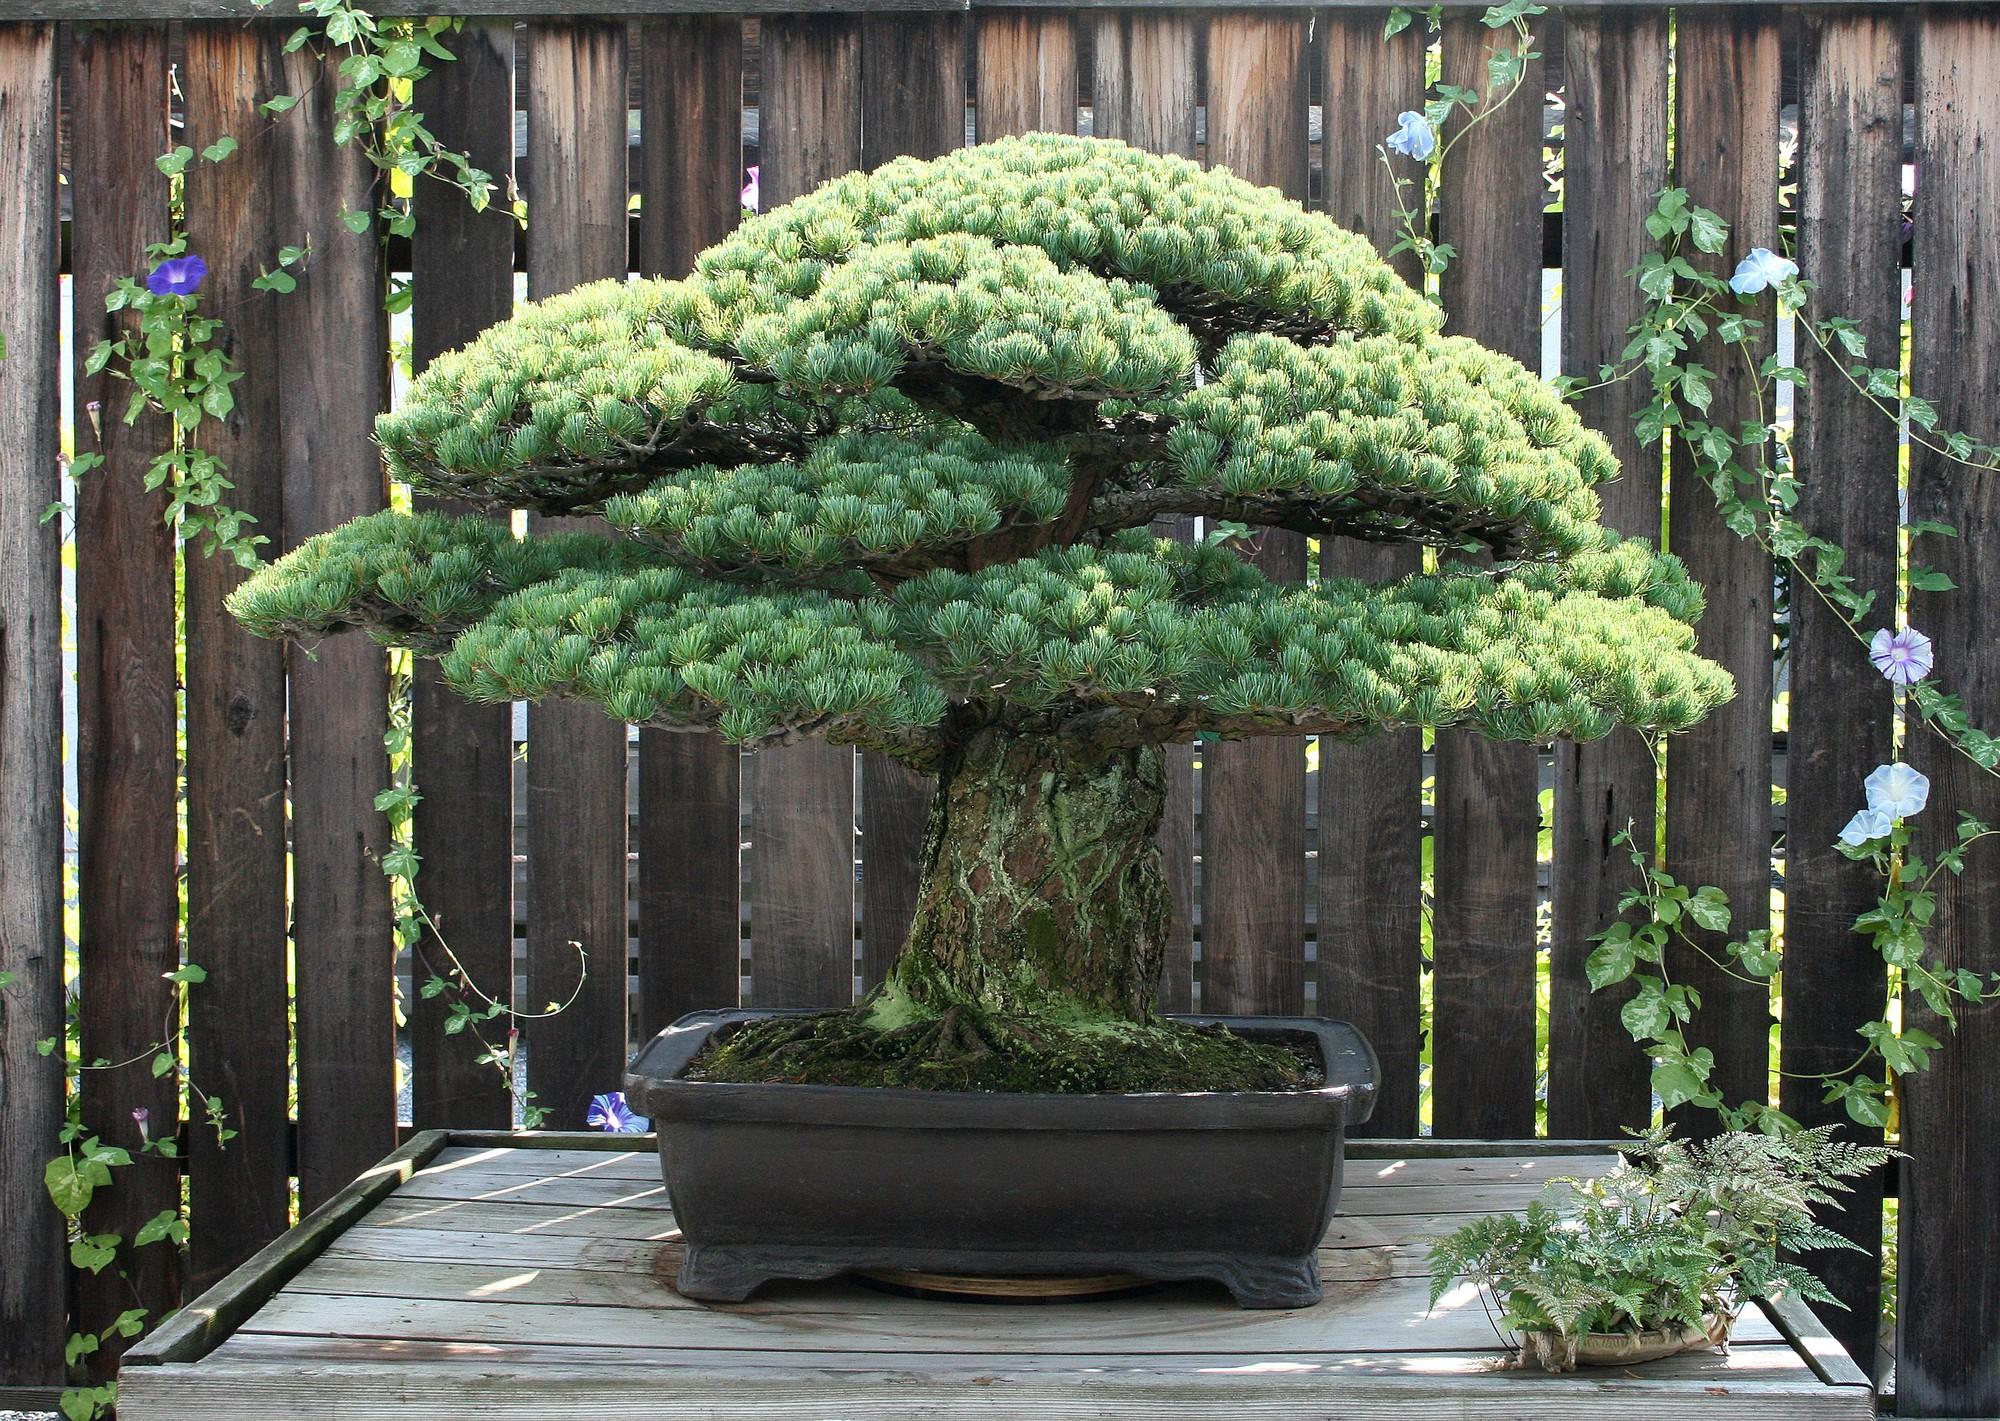 Cây bonsai Nhật Bản 400 tuổi: Nhân chứng lịch sử thảm họa Hiroshima với sức sống mãnh liệt, bom nguyên tử cũng không thể quật ngã - Ảnh 2.